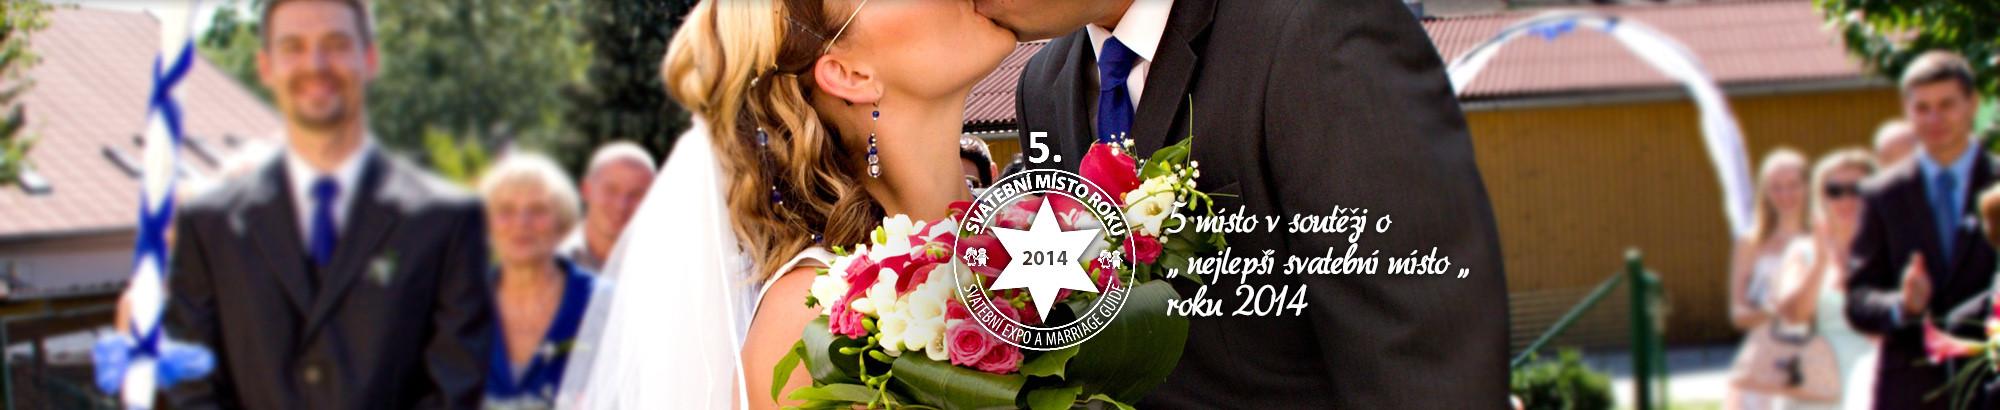 5. místo - svatební místo roku